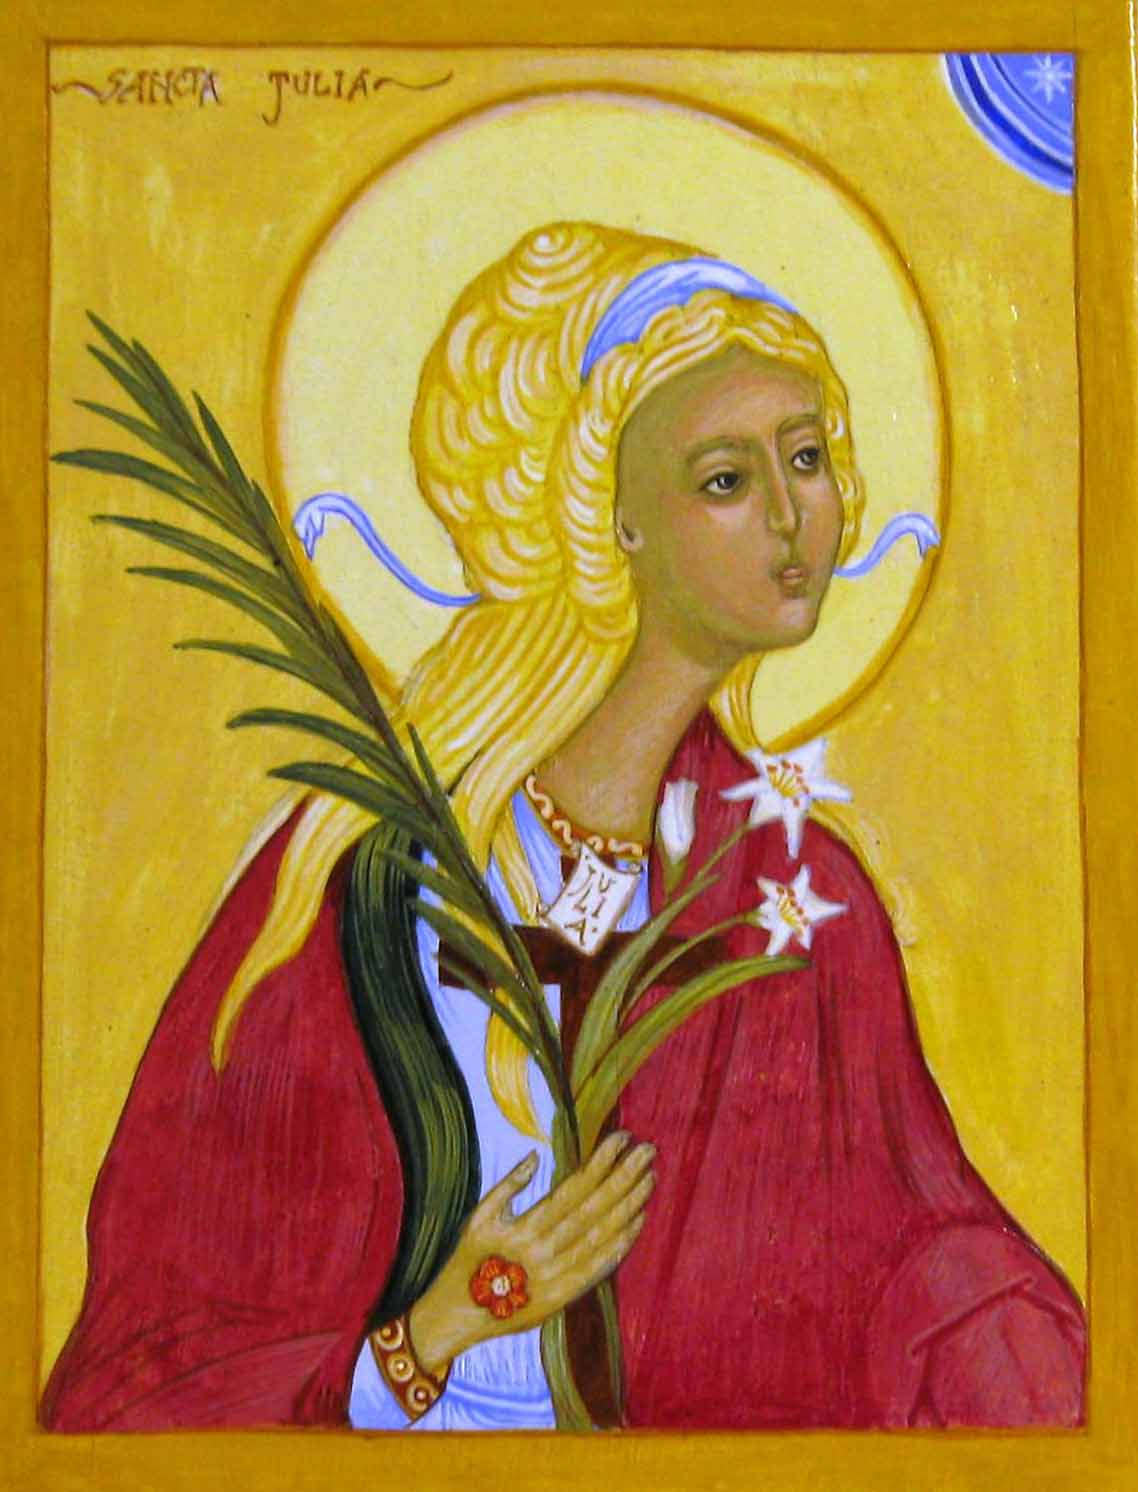 Sancta Julia